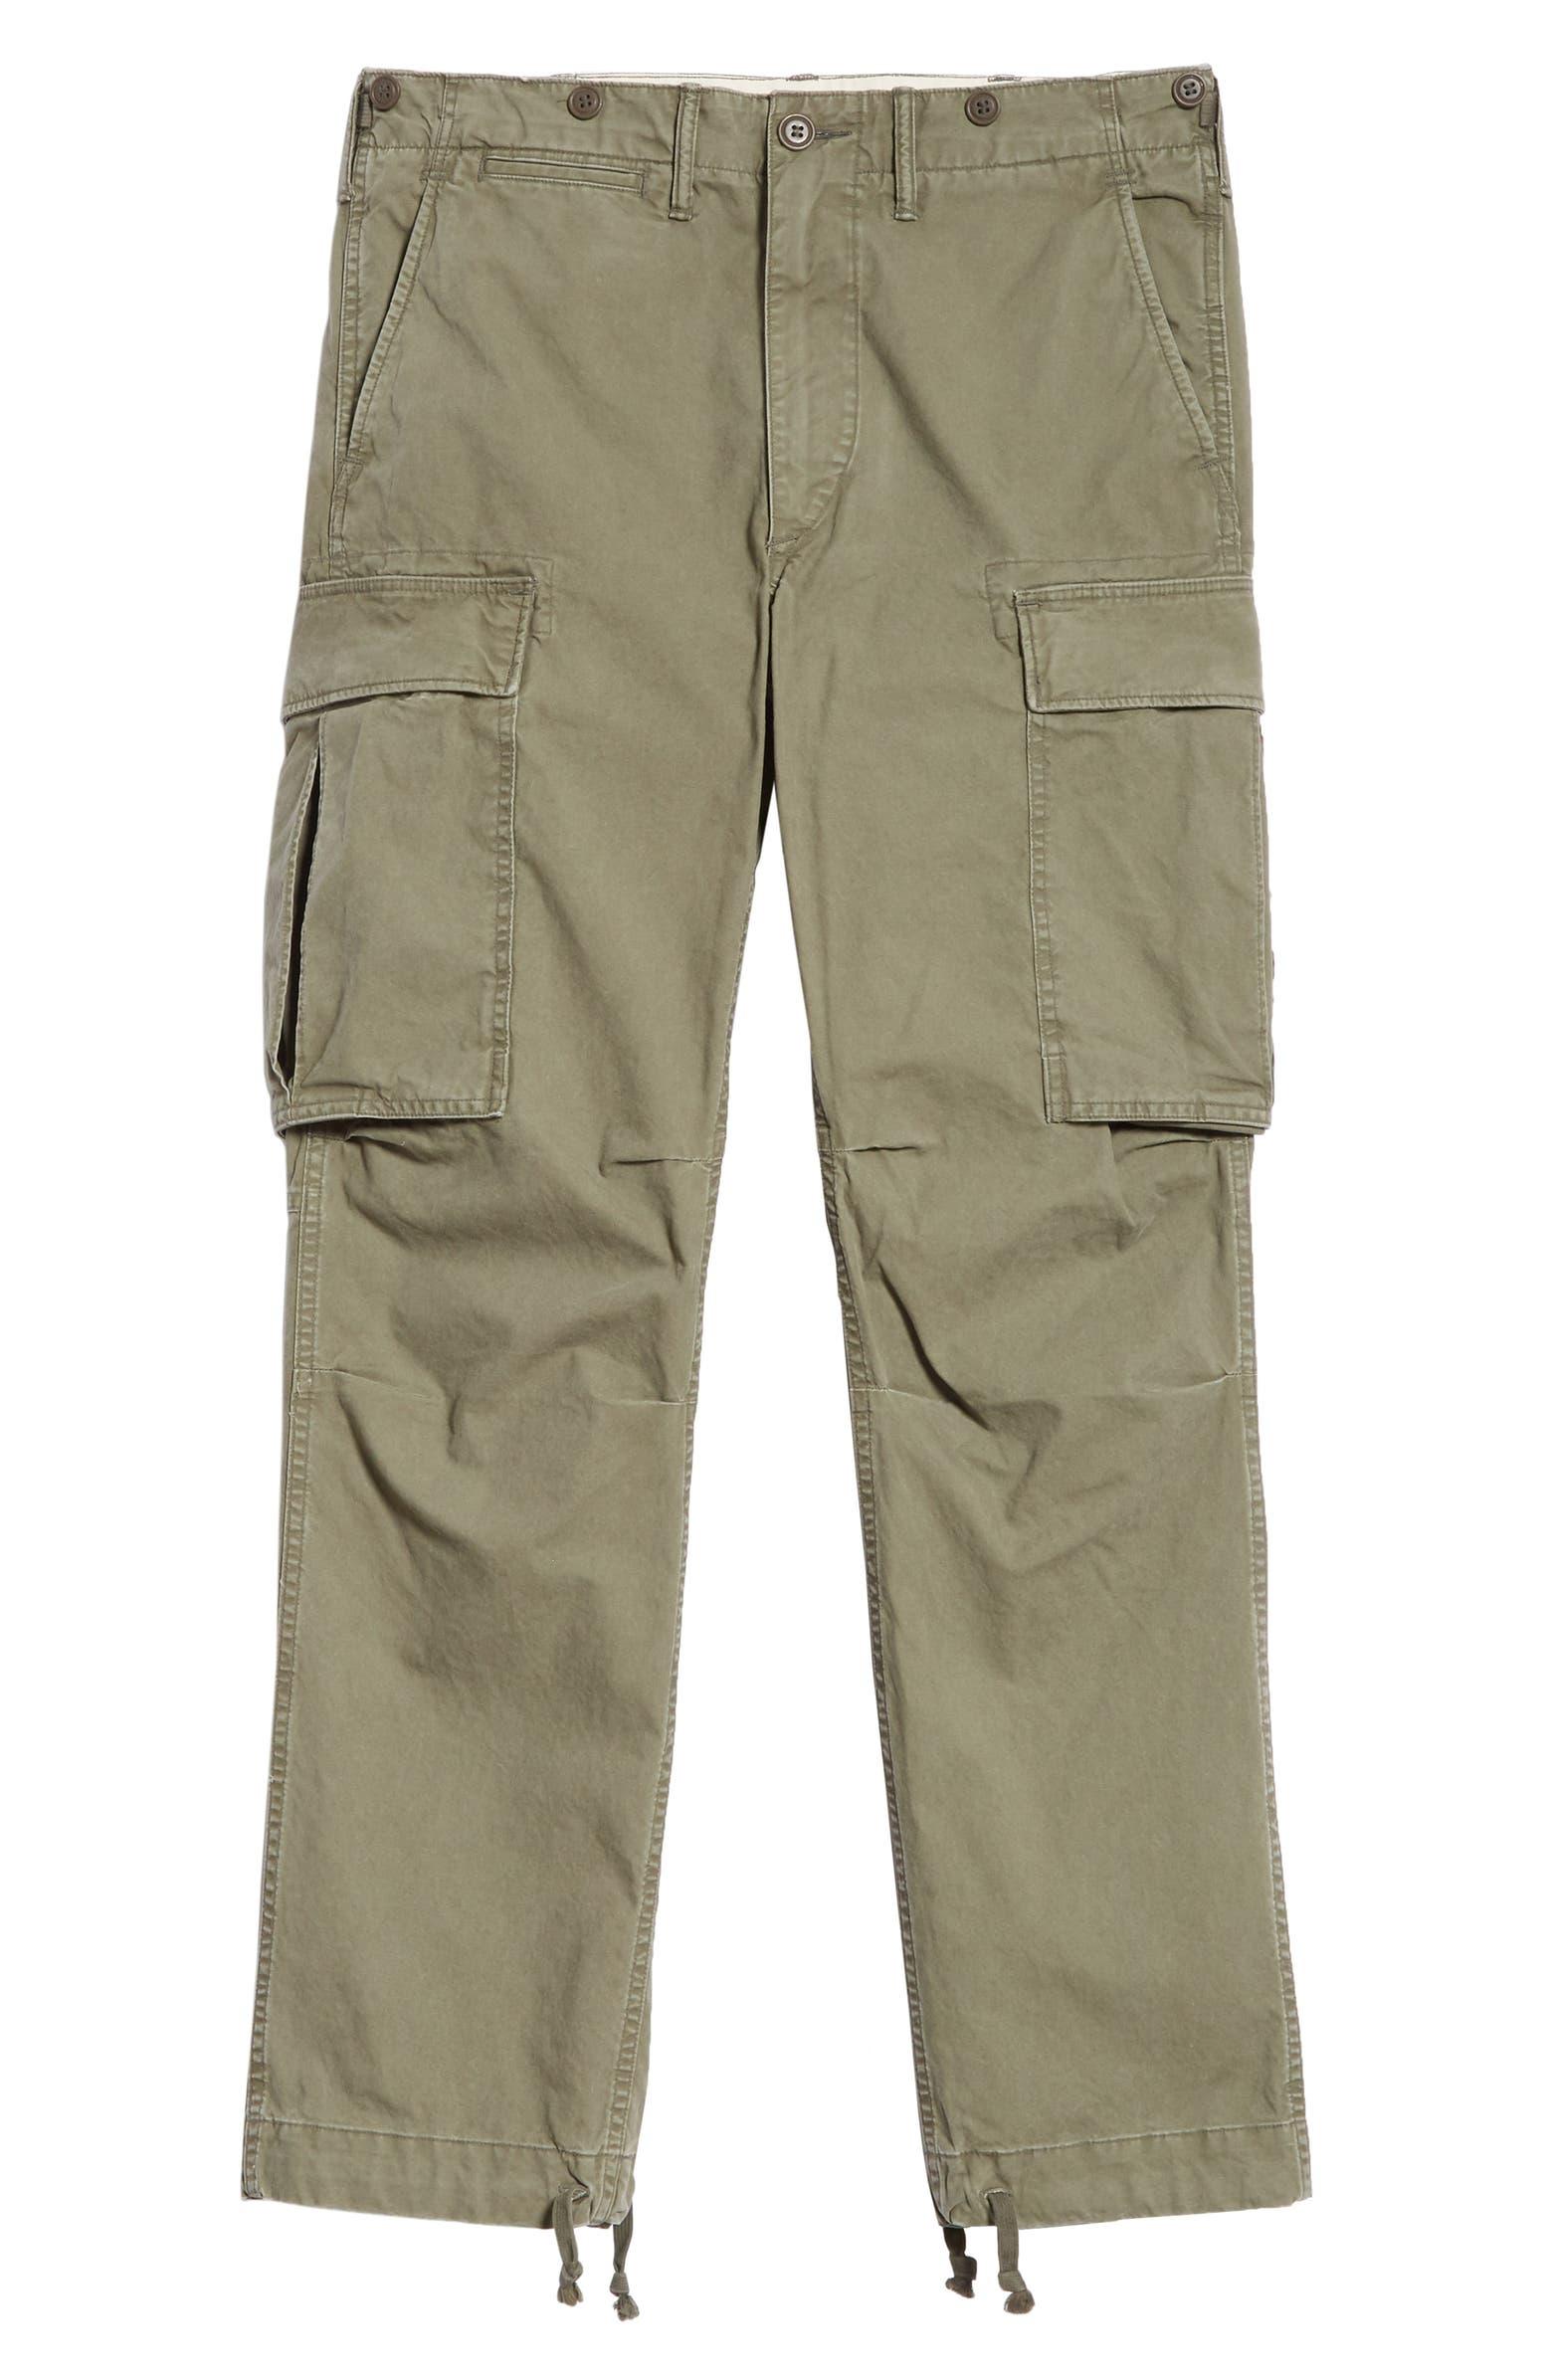 Surplus Cargo Pants         RRL